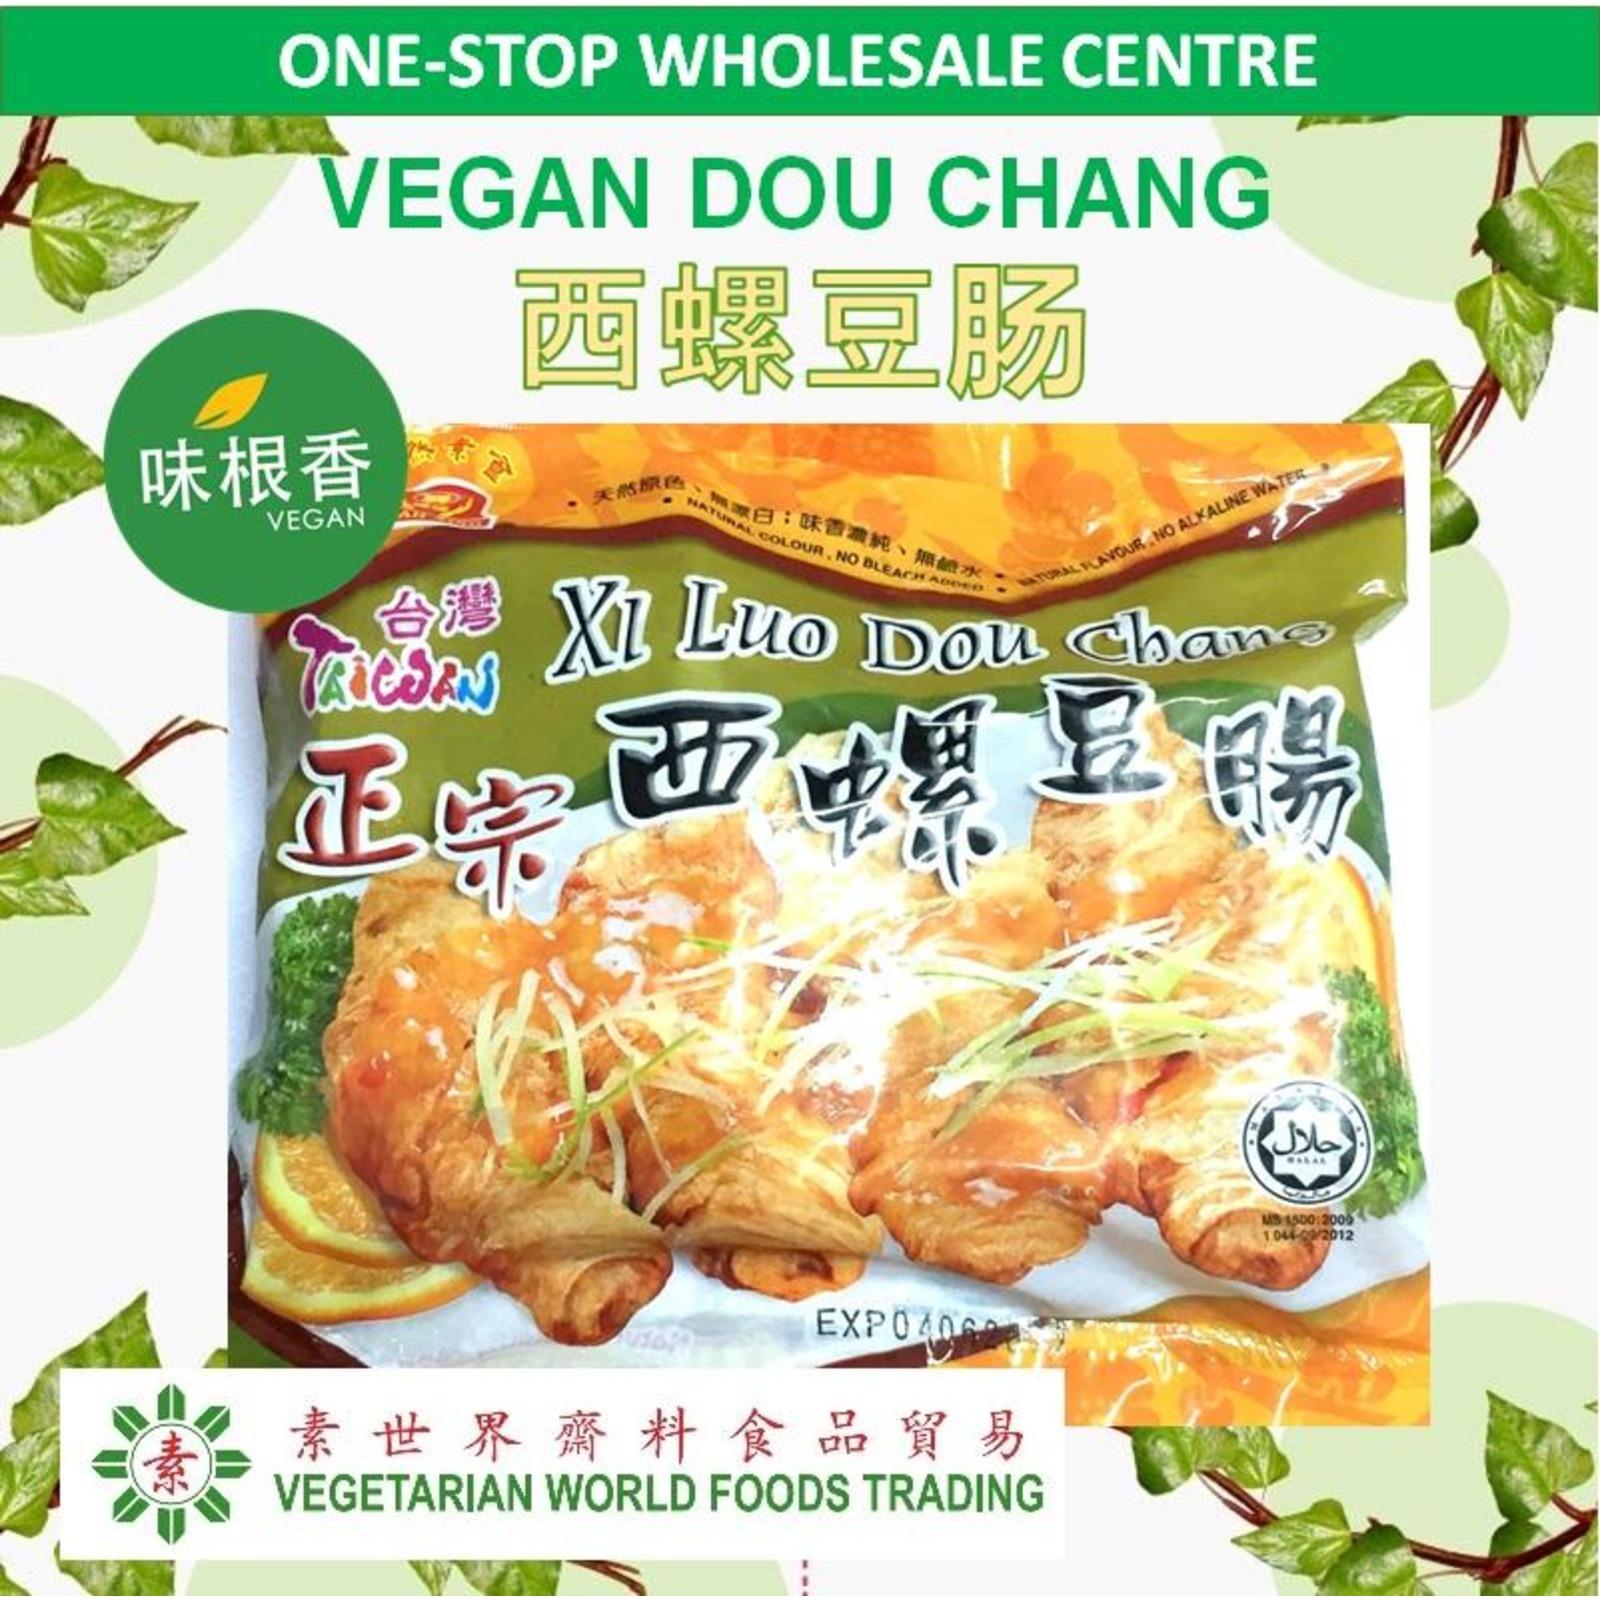 Yi Dah Xing Soy Intestine Taiwan